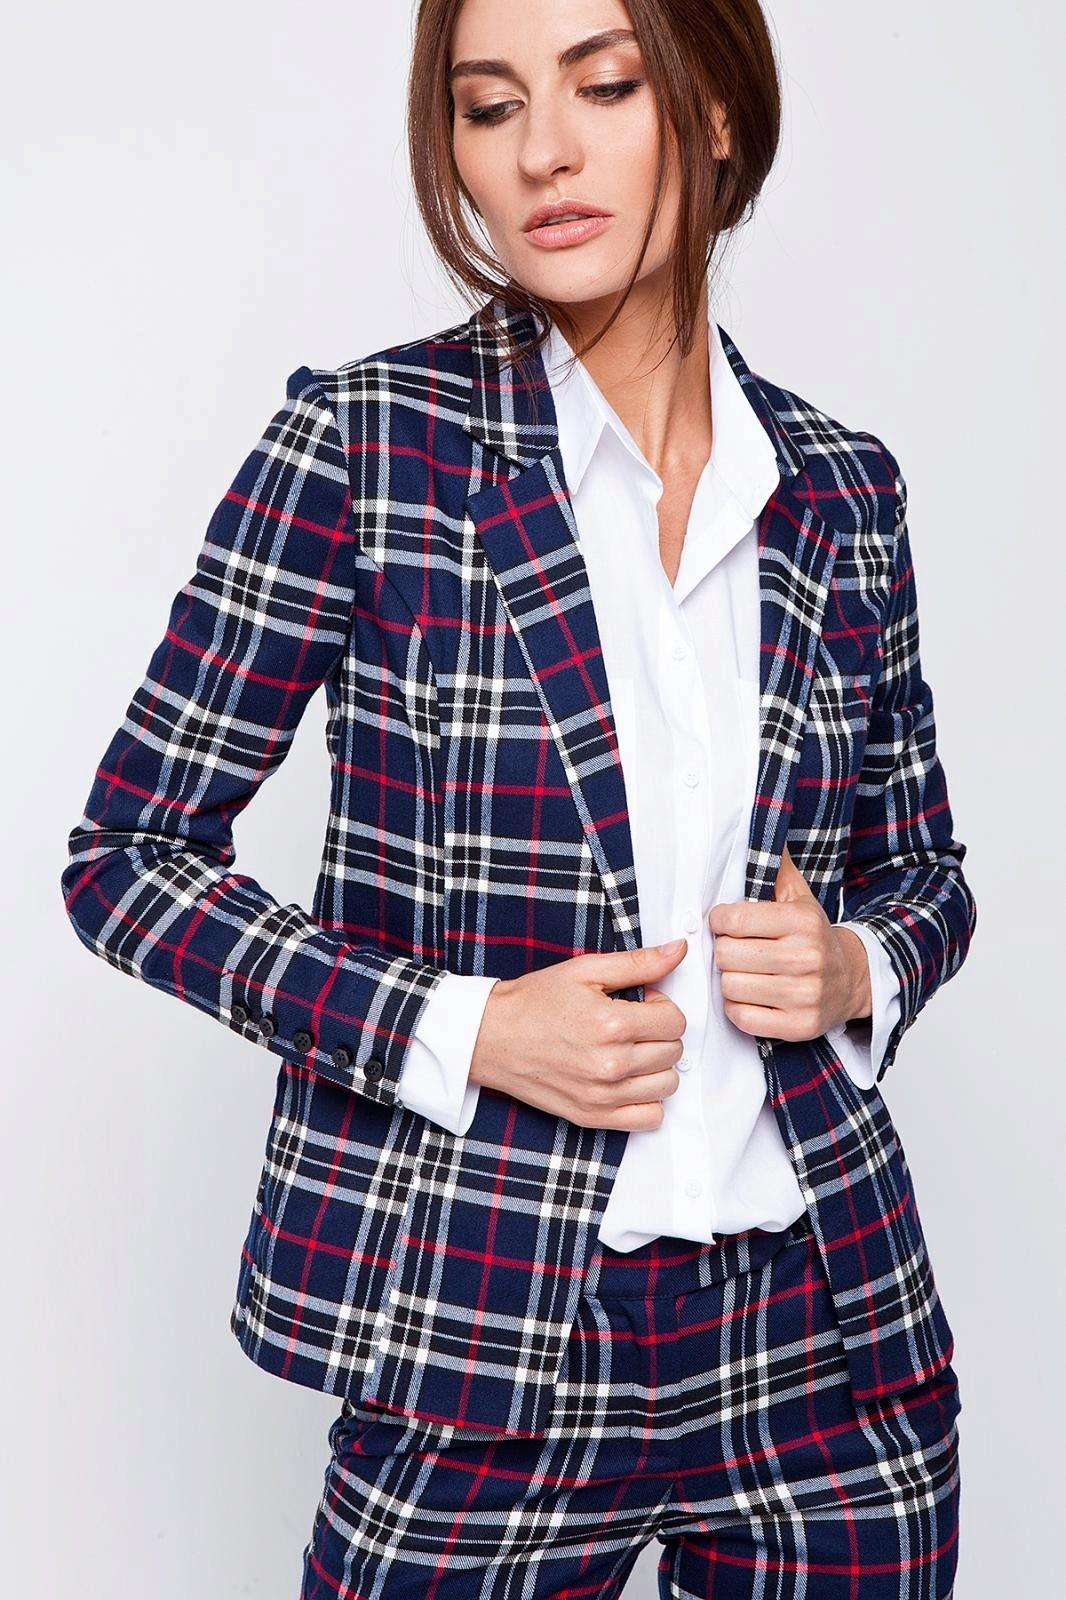 модная весна 2019: костюм синяя с белым клетка